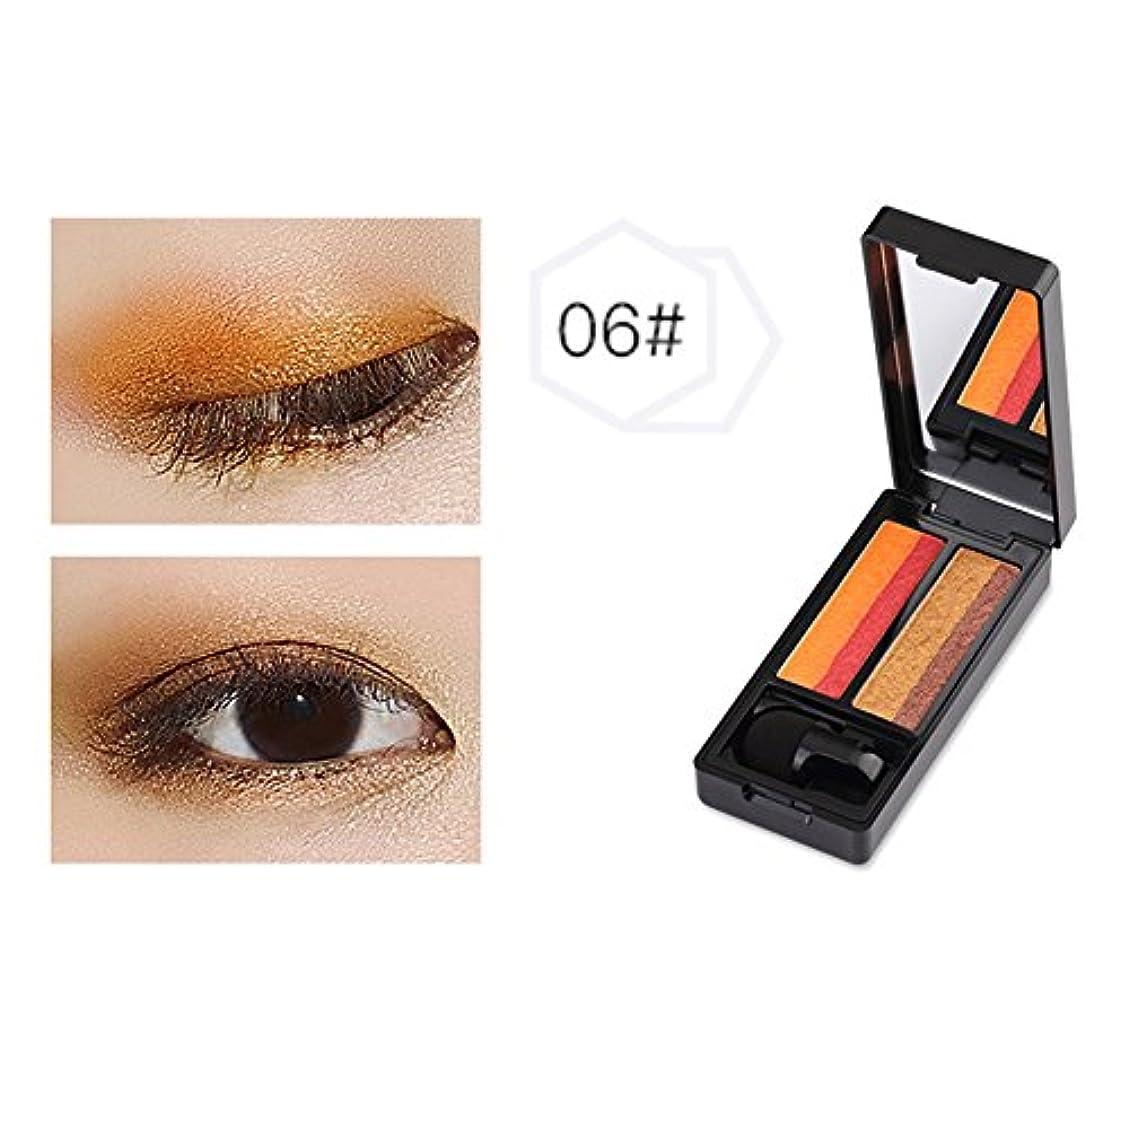 罰するピッチもっと少なくTerGOOSE スキンモデリングアイズ 人気2色アイシャドウ パレット 眼影06 極め細かい 4.4g